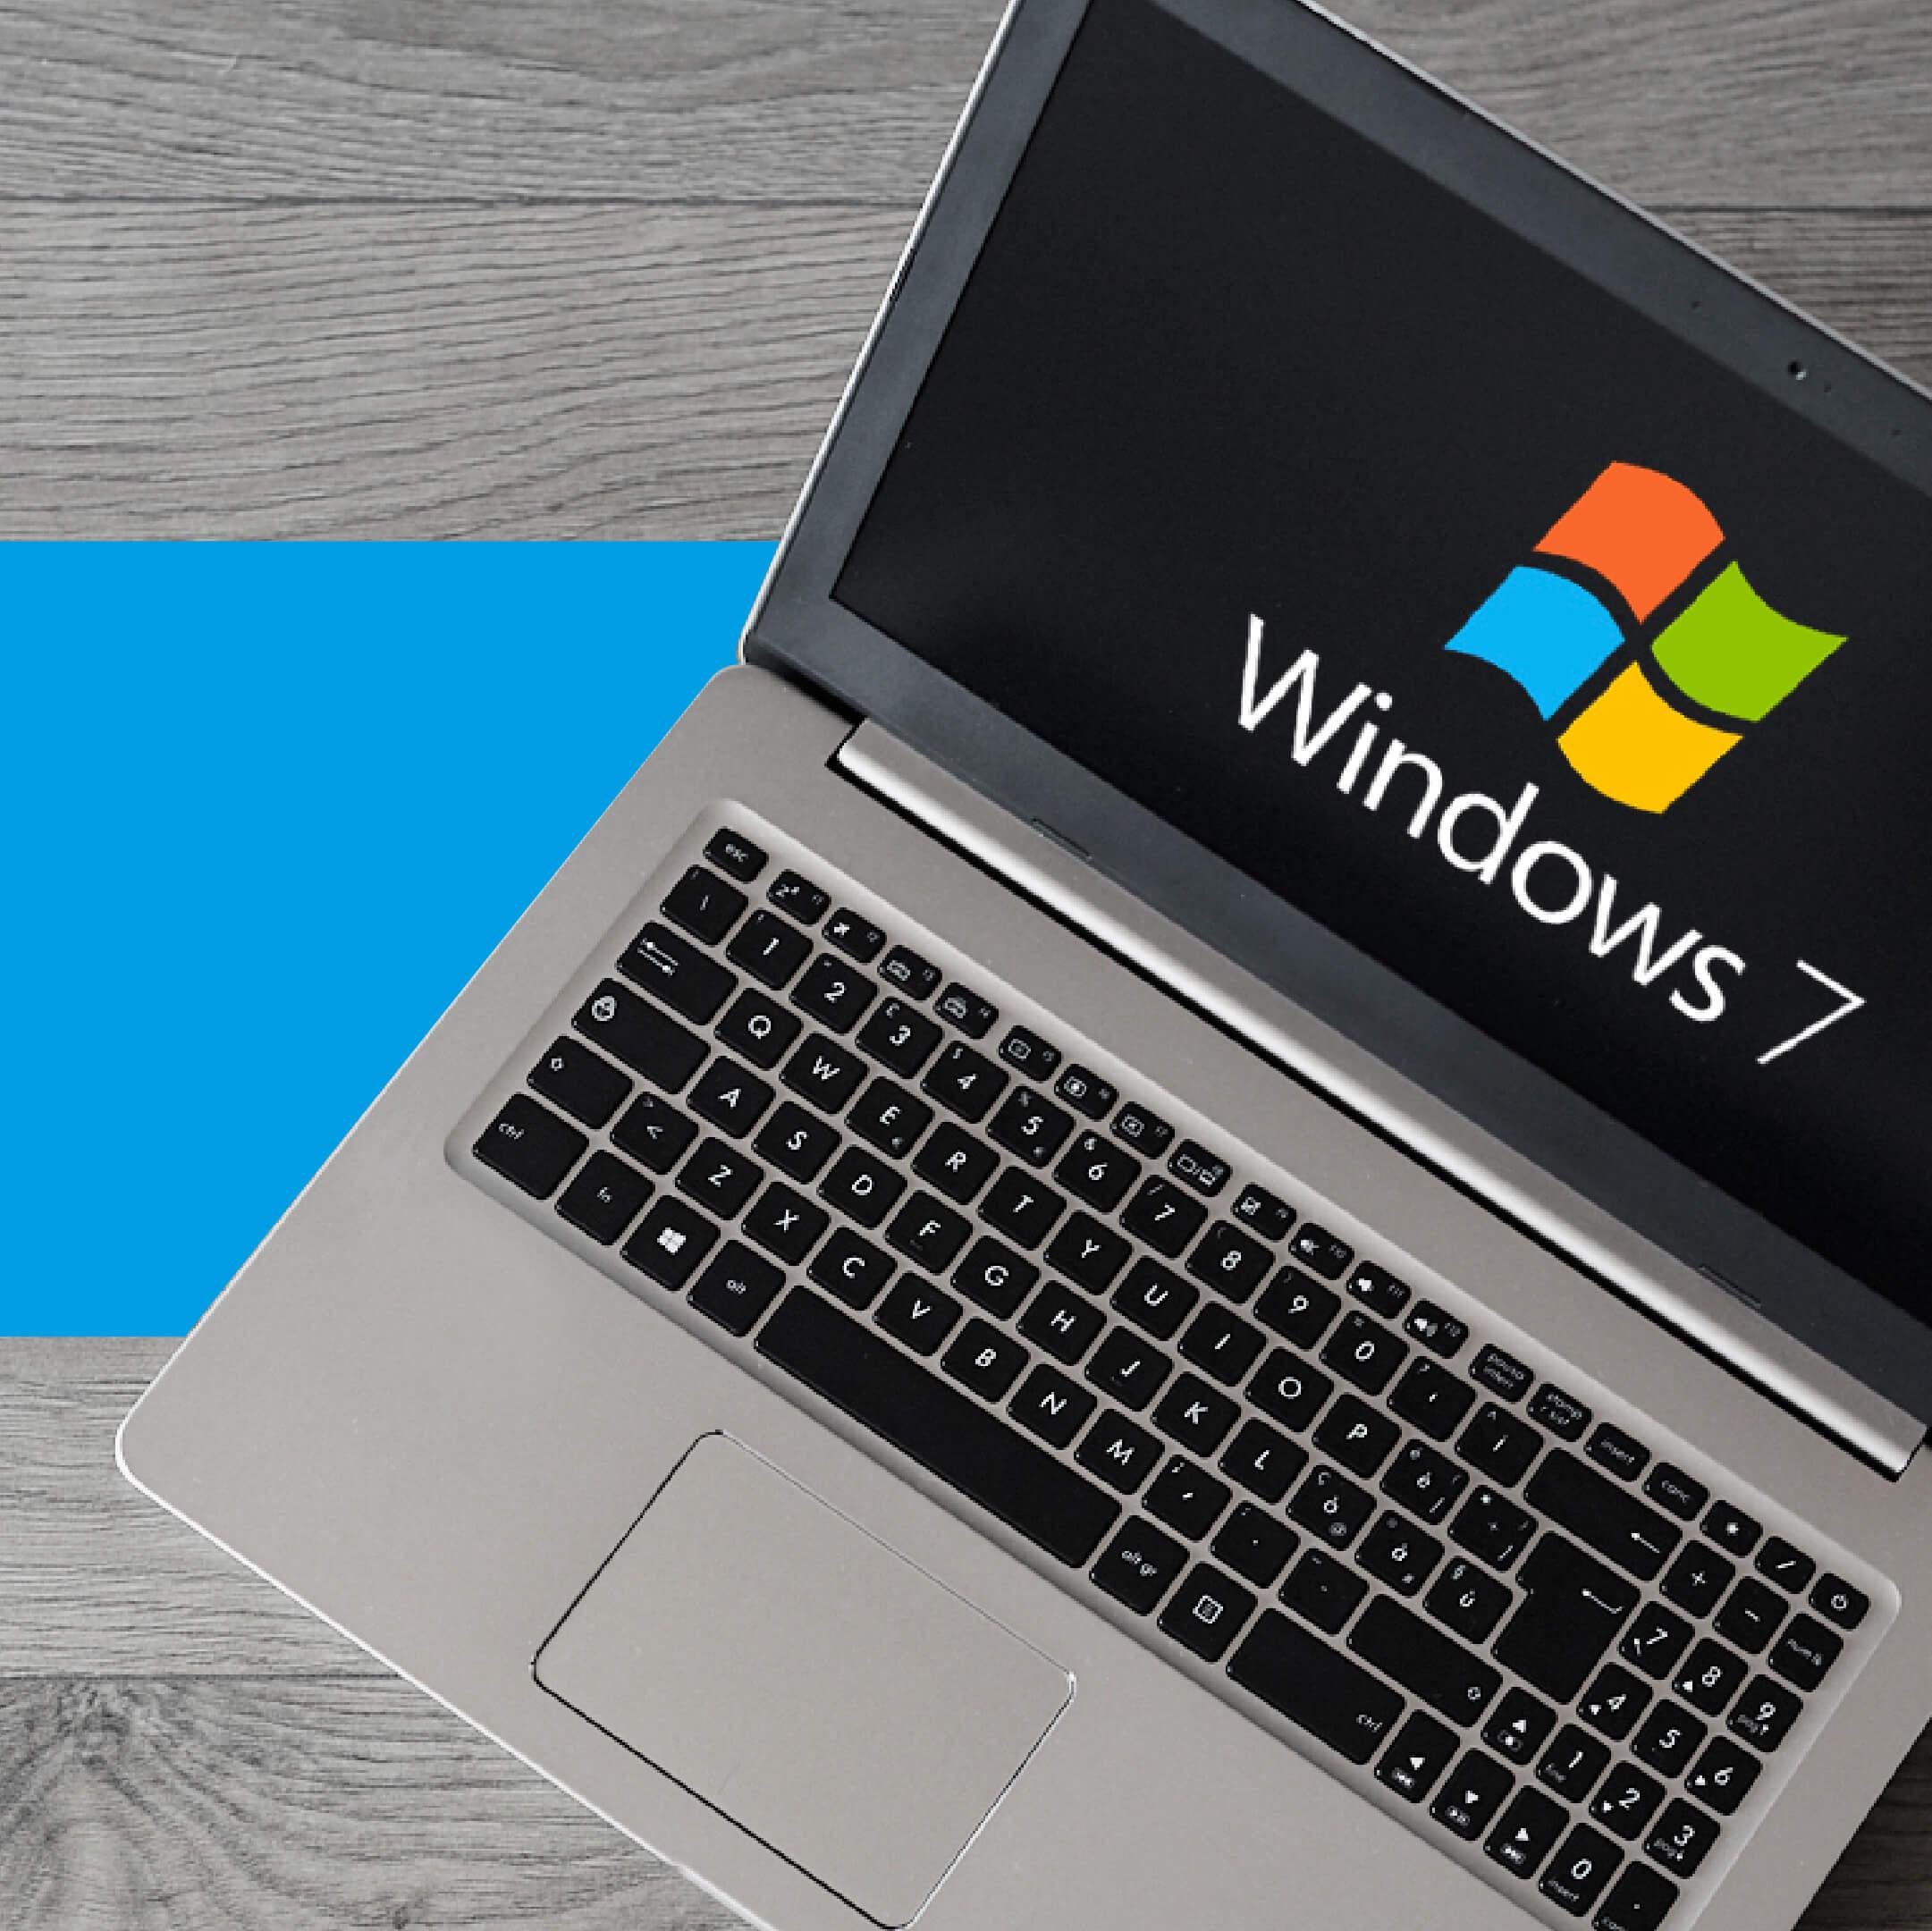 Utilizzi Windows 7? Leggi qui!